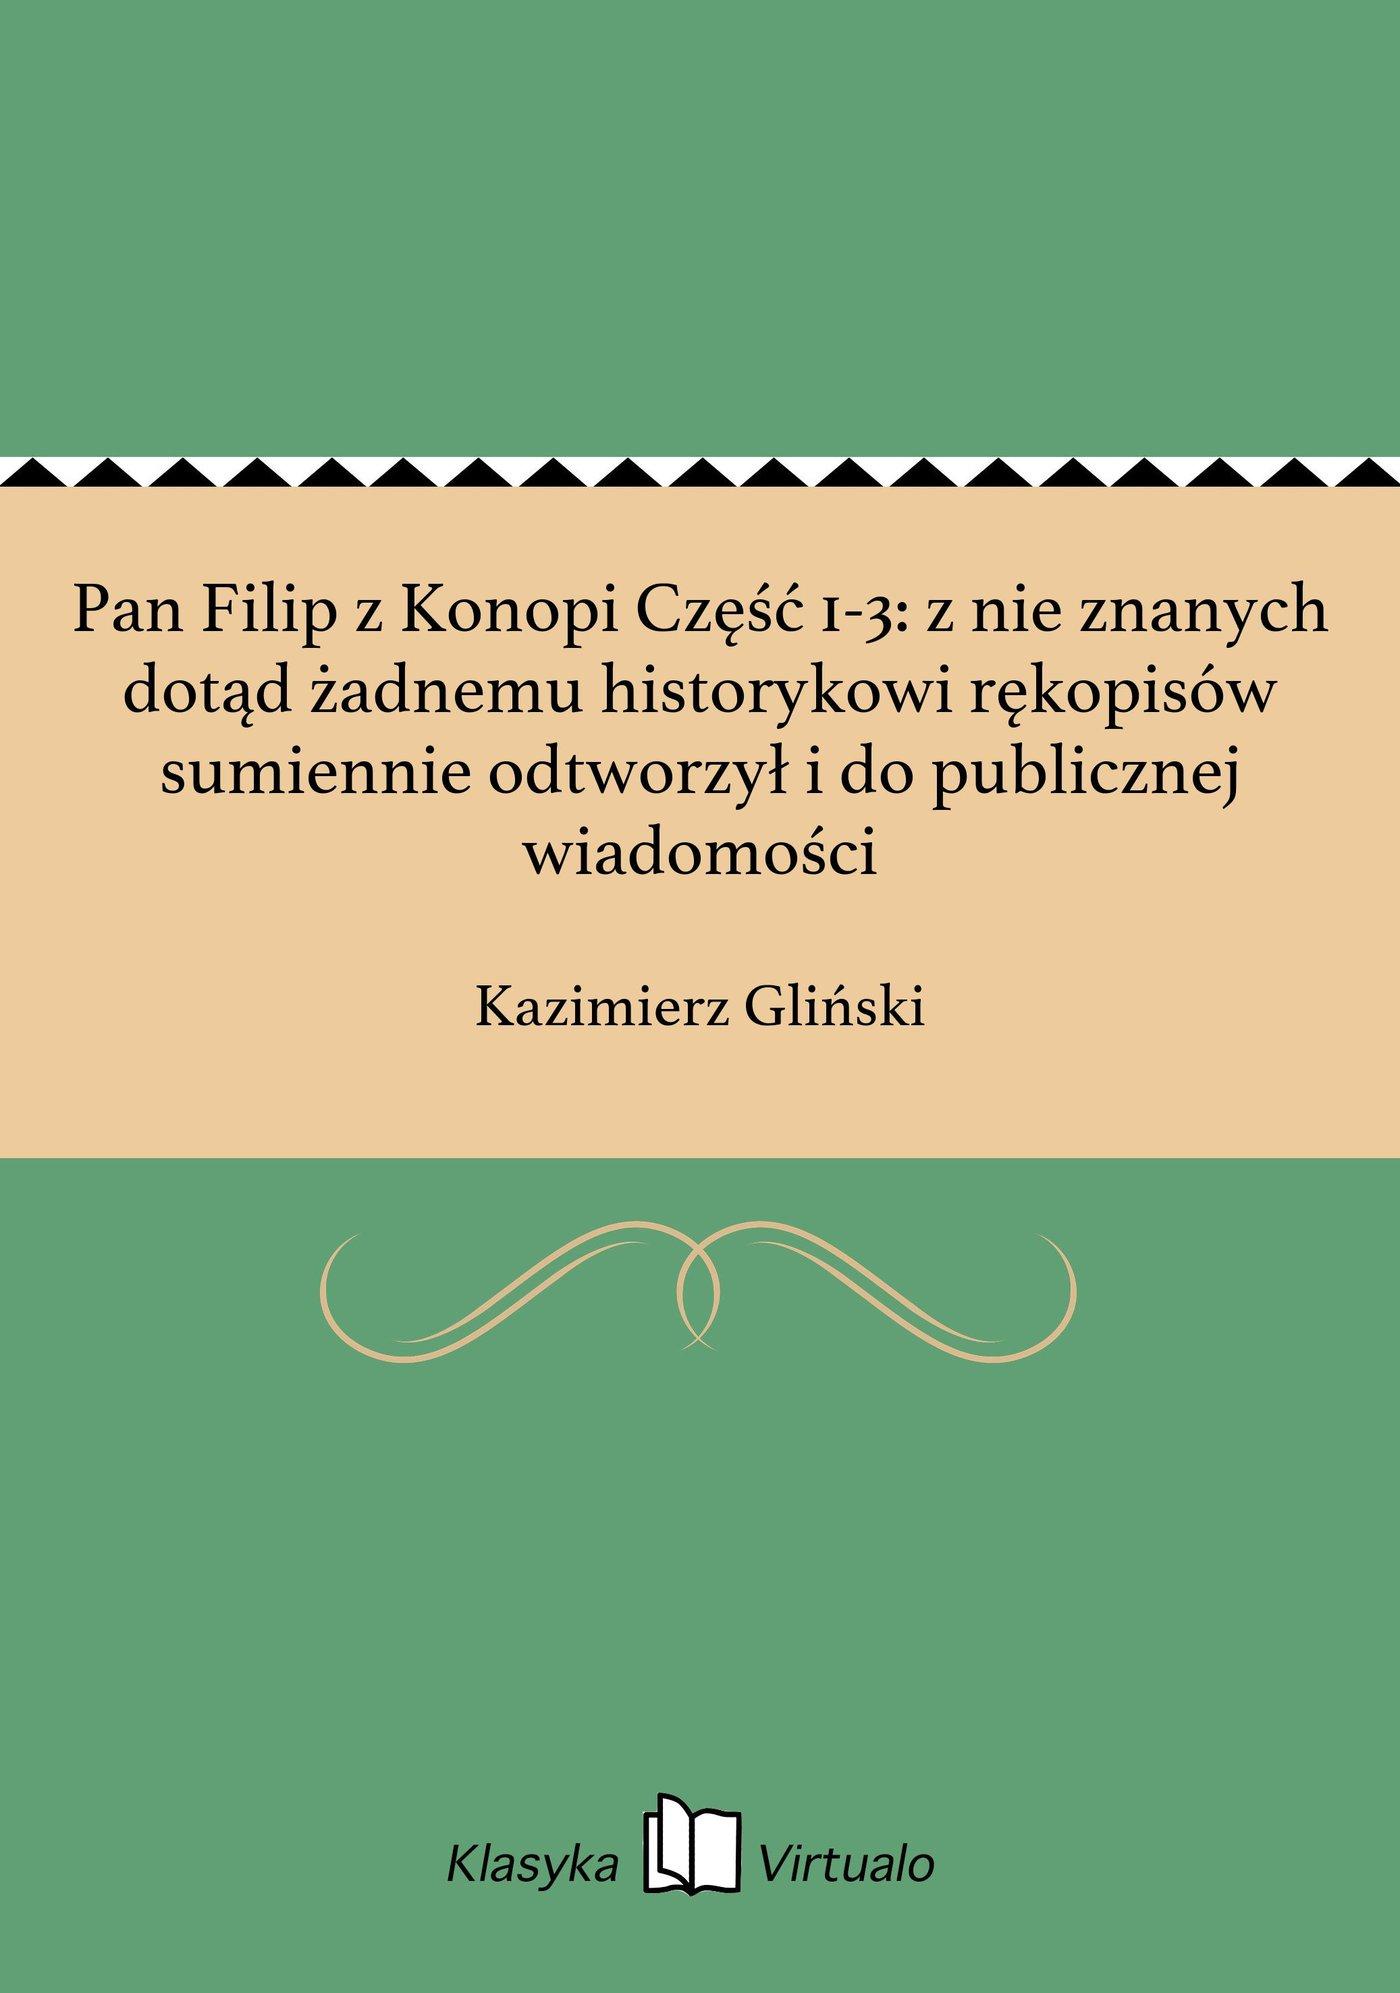 Pan Filip z Konopi Część 1-3: z nie znanych dotąd żadnemu historykowi rękopisów sumiennie odtworzył i do publicznej wiadomości - Ebook (Książka na Kindle) do pobrania w formacie MOBI